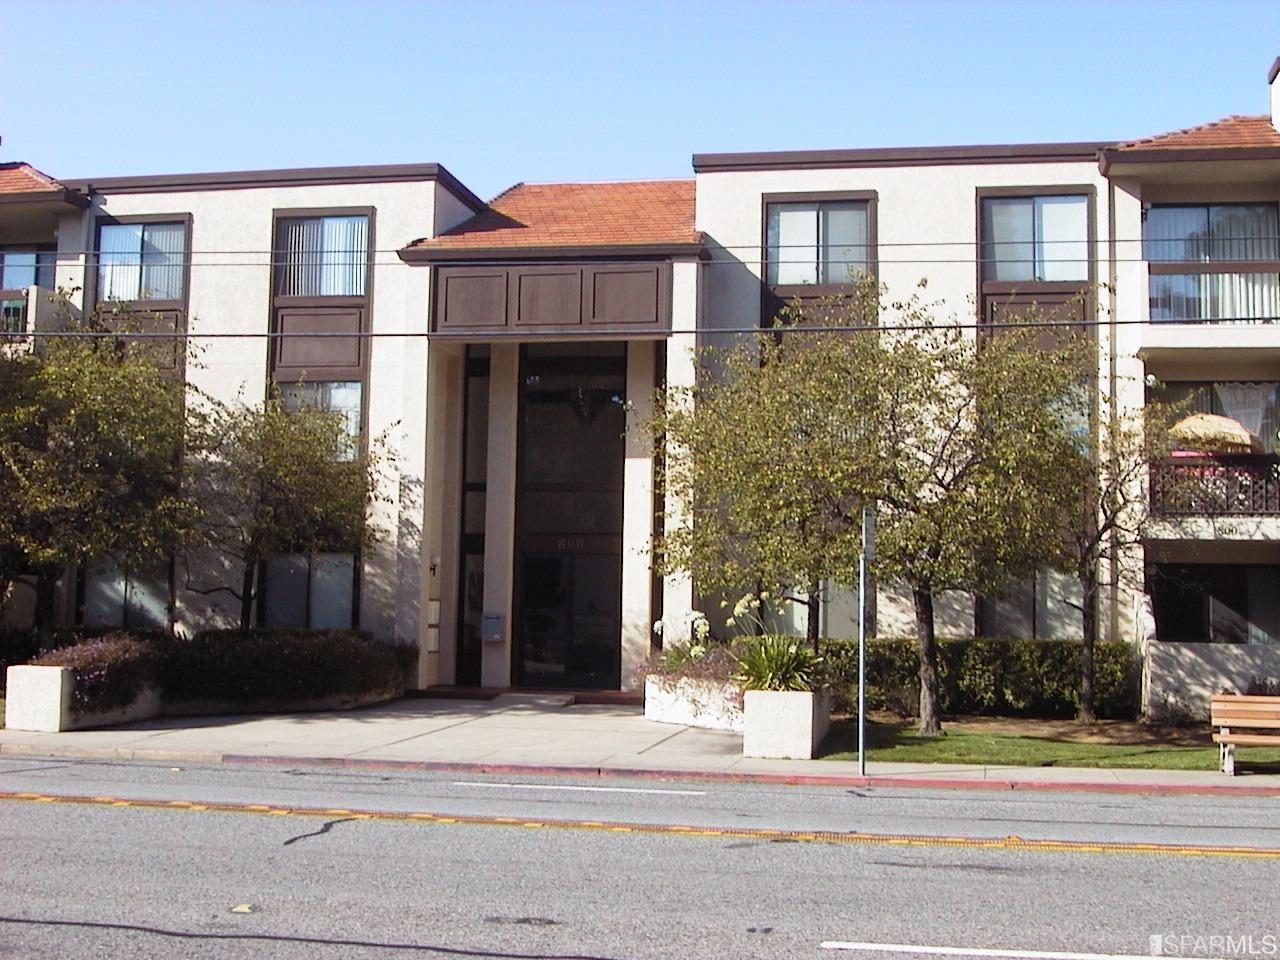 800 N El Camino Real #APT 206, San Mateo, CA